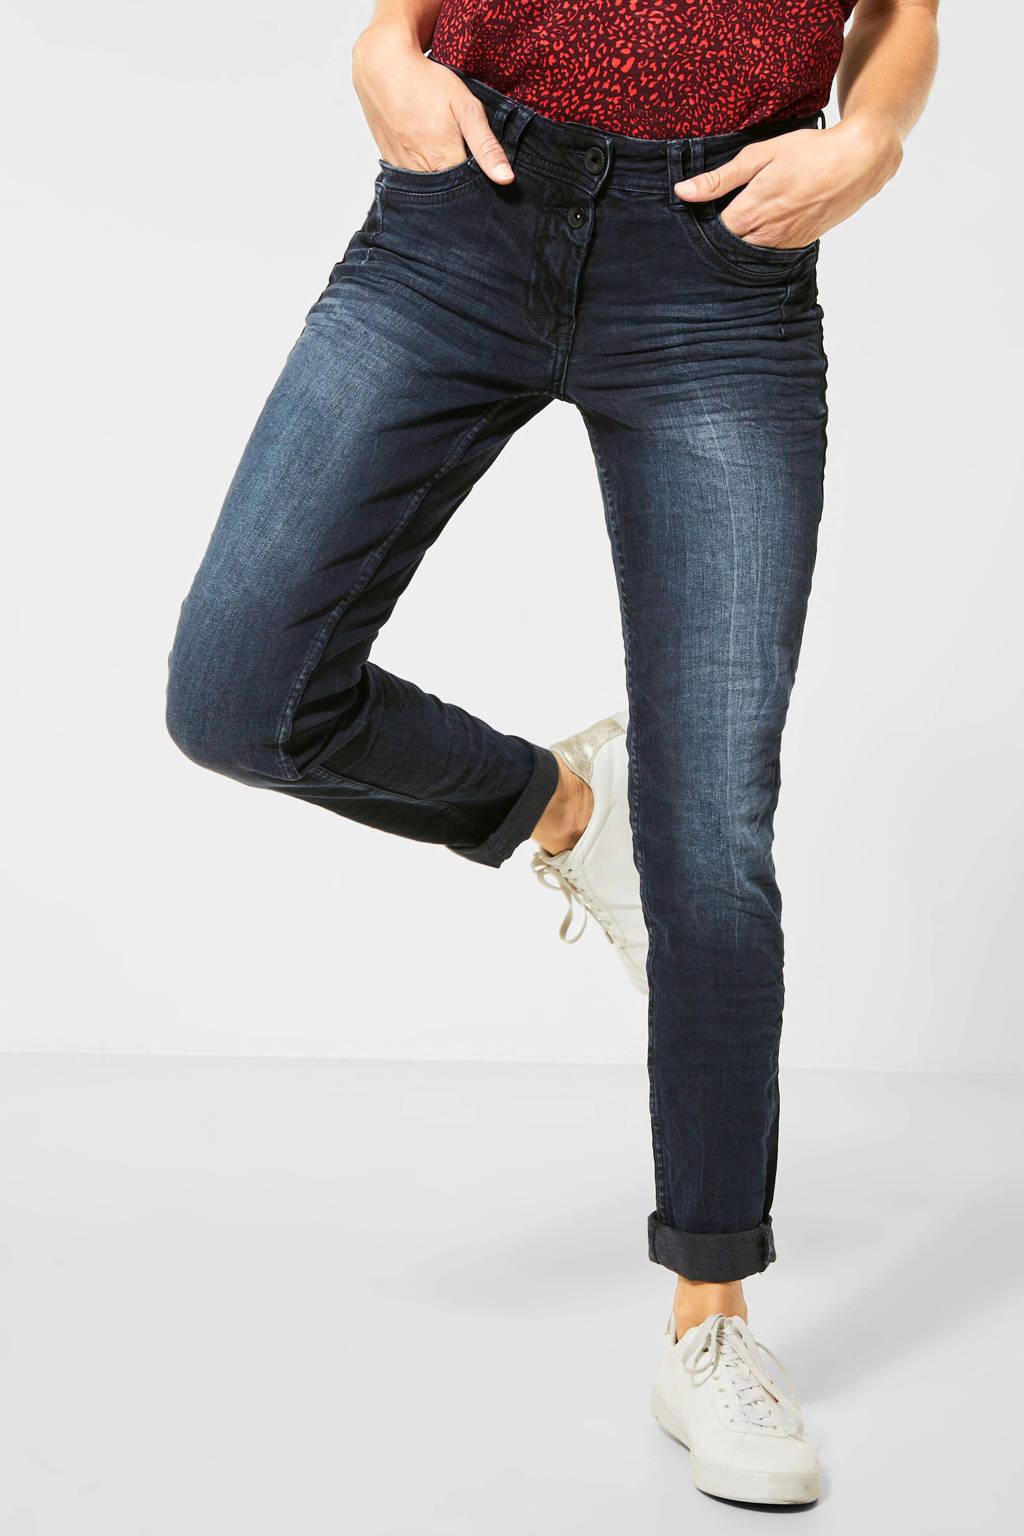 CECIL skinny jeans Scarlett dark denim stonewashed, Dark denim stonewashed